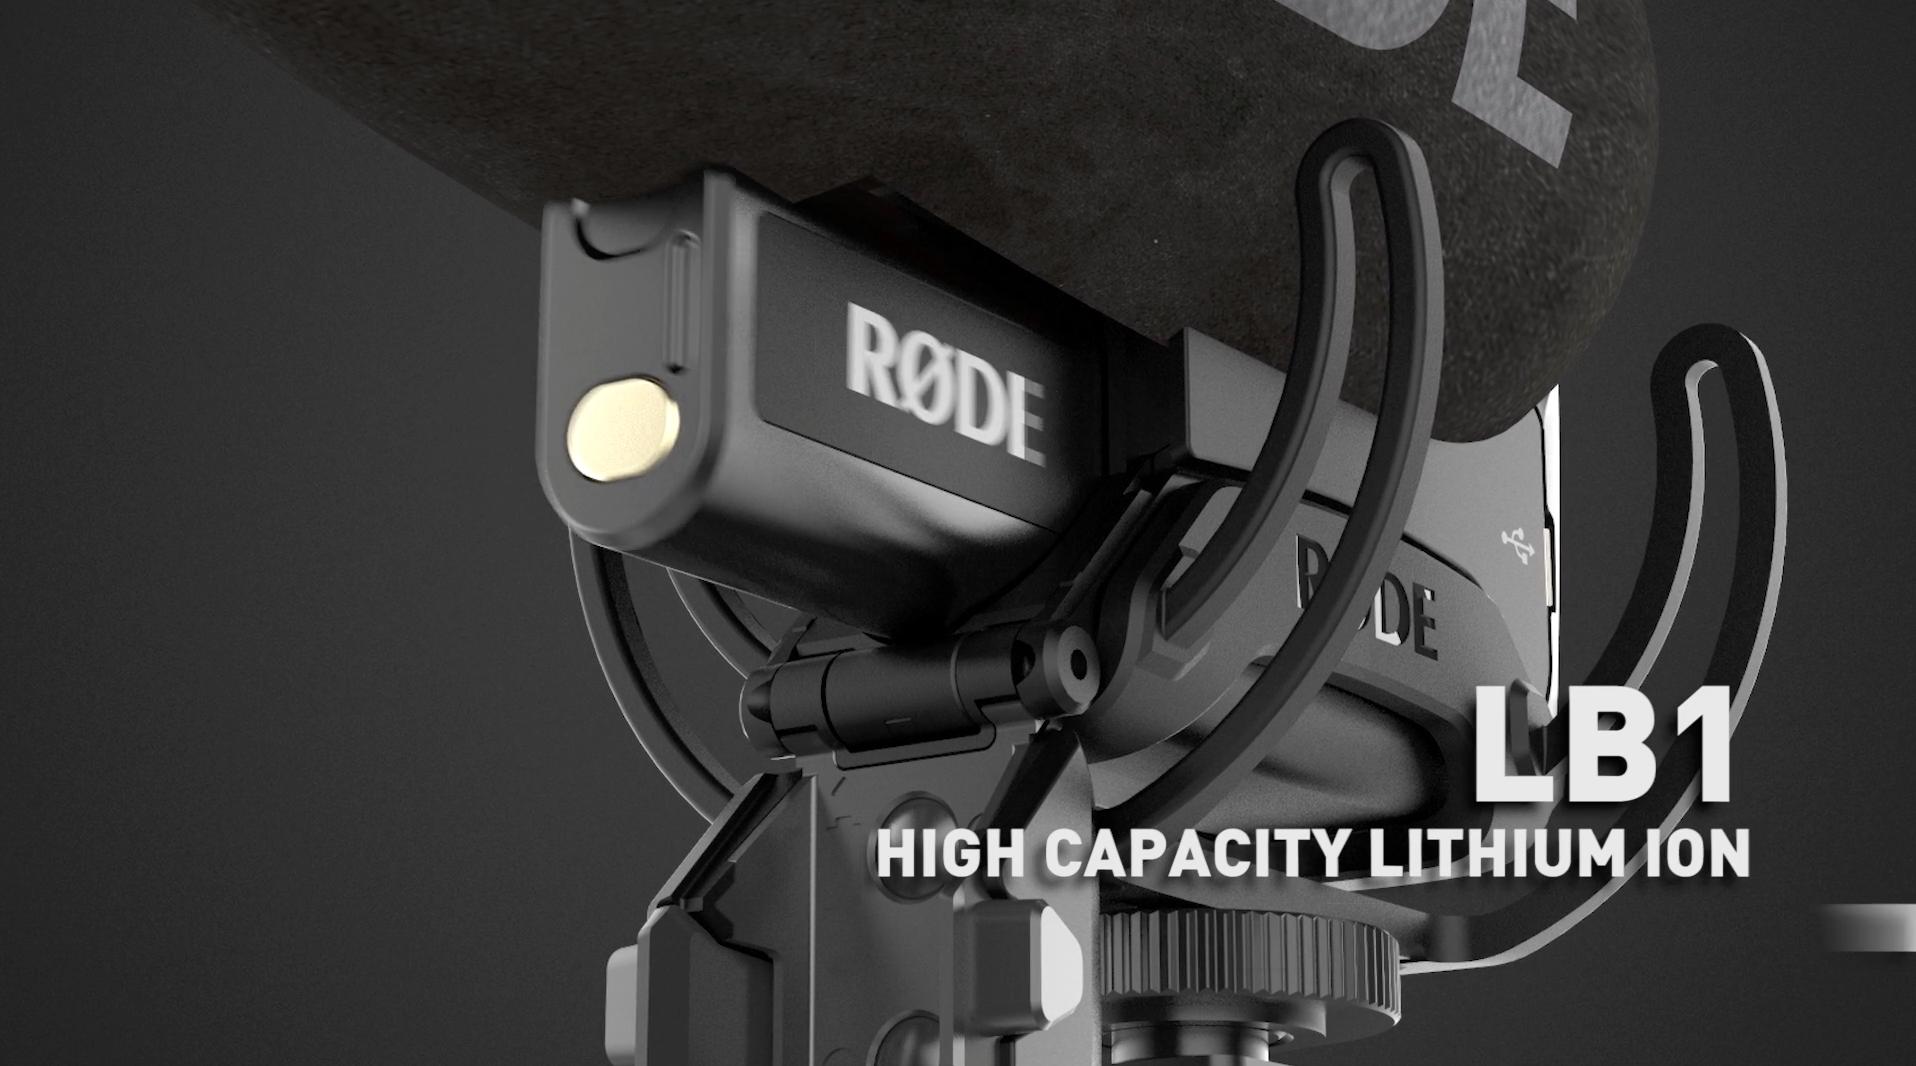 RODE LB1 Battery